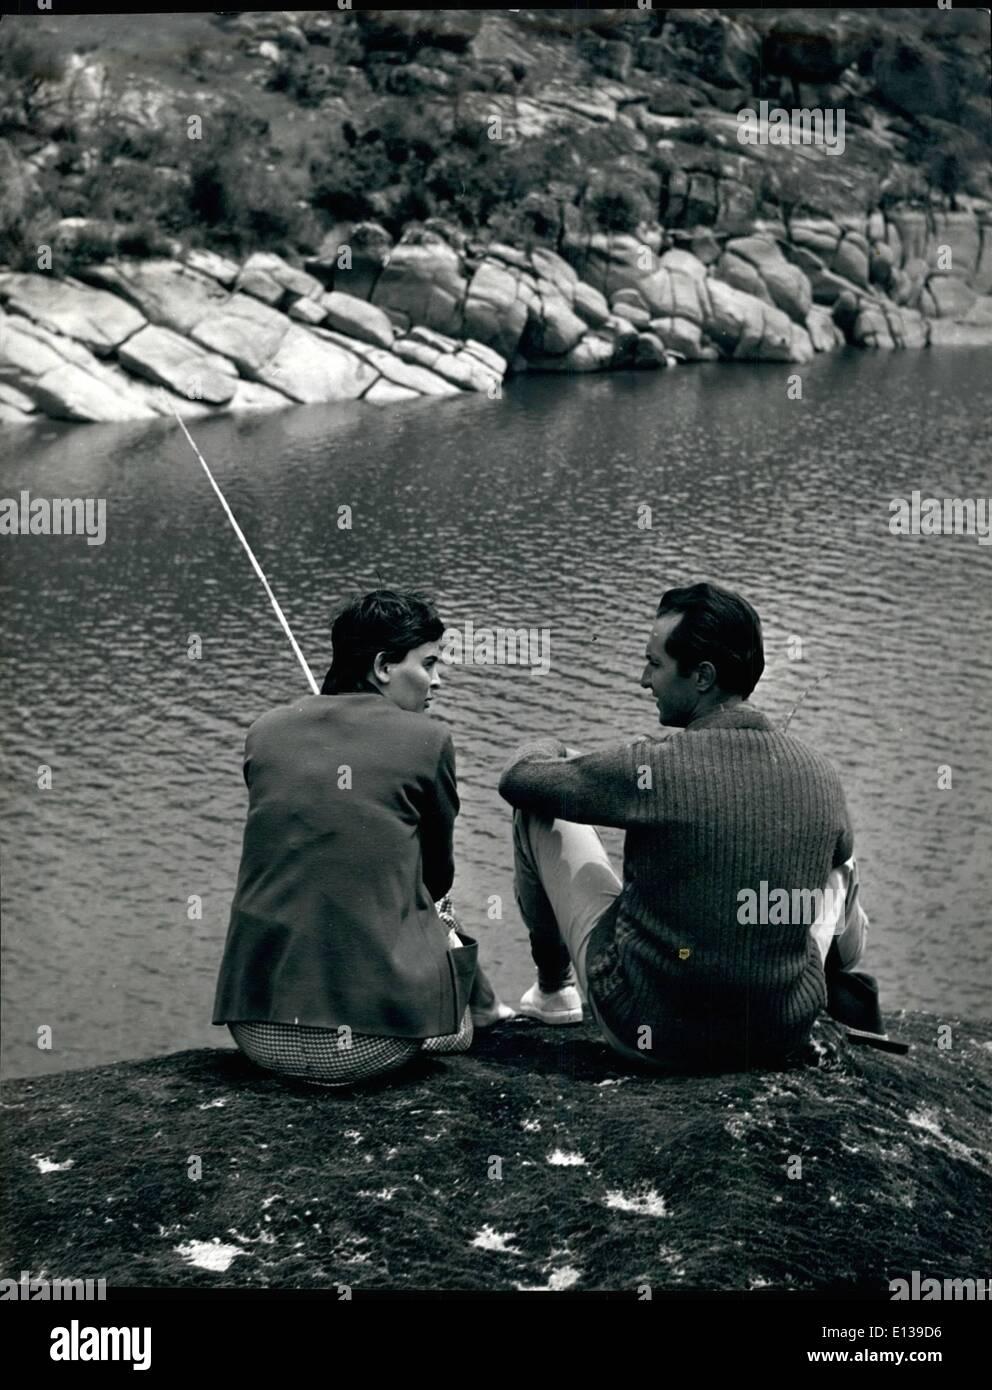 Febbraio 29, 2012 - pacificamente la pesca vicino alle loro Madrid Home Sono Lucia Bose - Ex bellezza italiana e Sen Star, e suo Husban Immagini Stock